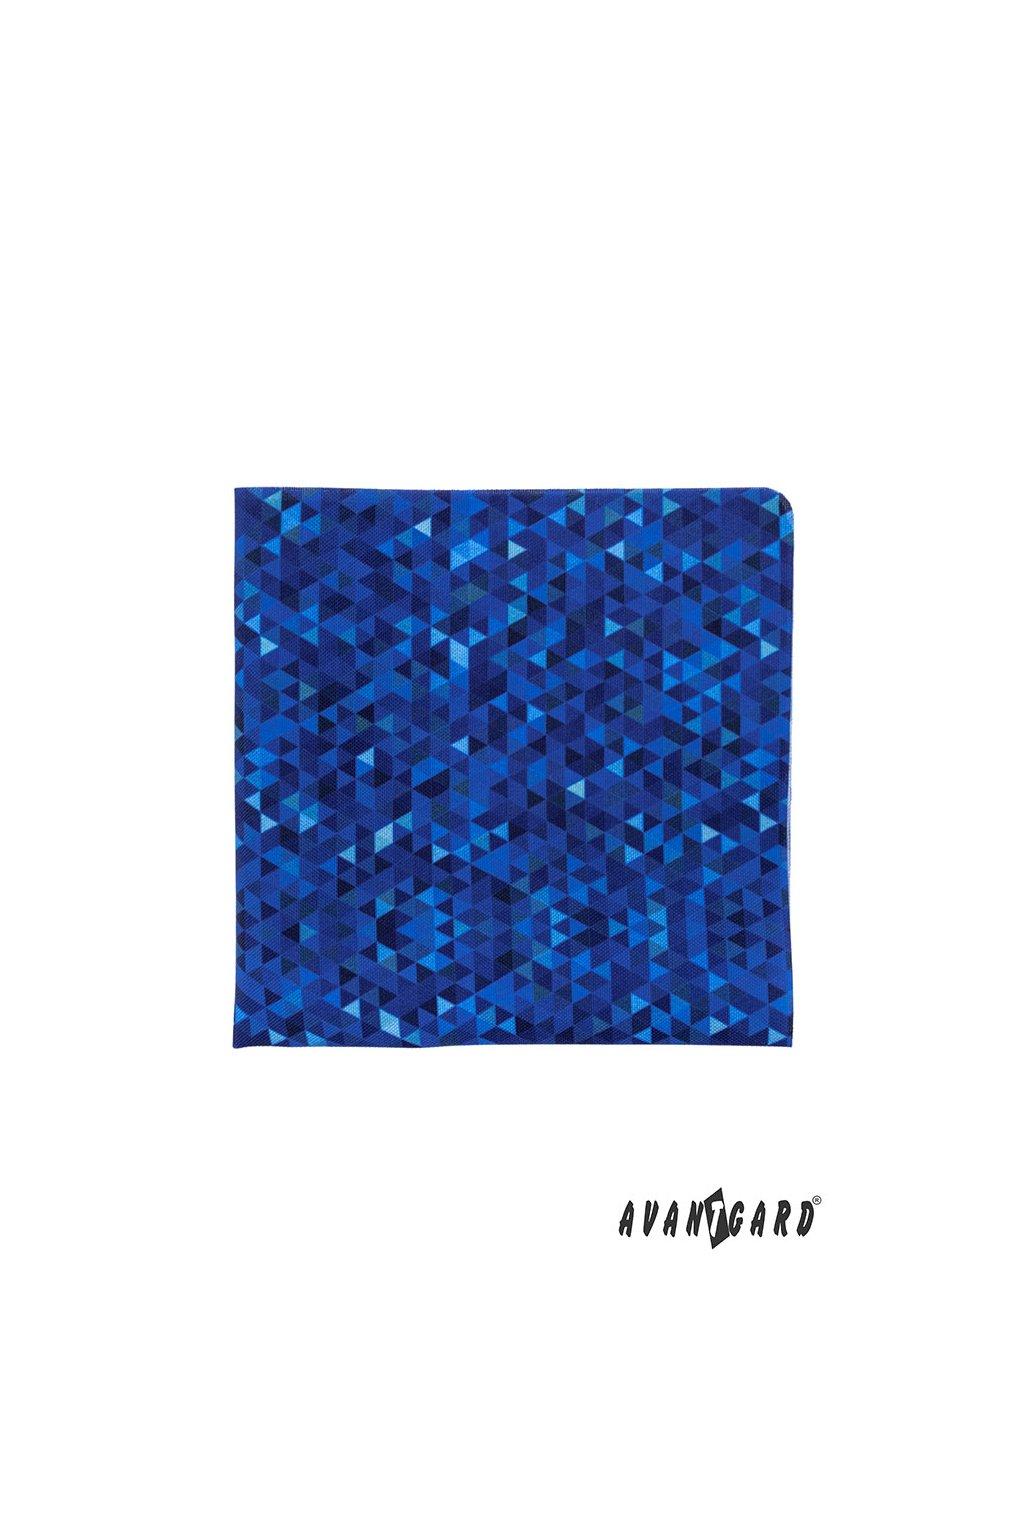 Modrý kapesníček do saka s trojúhelníčky